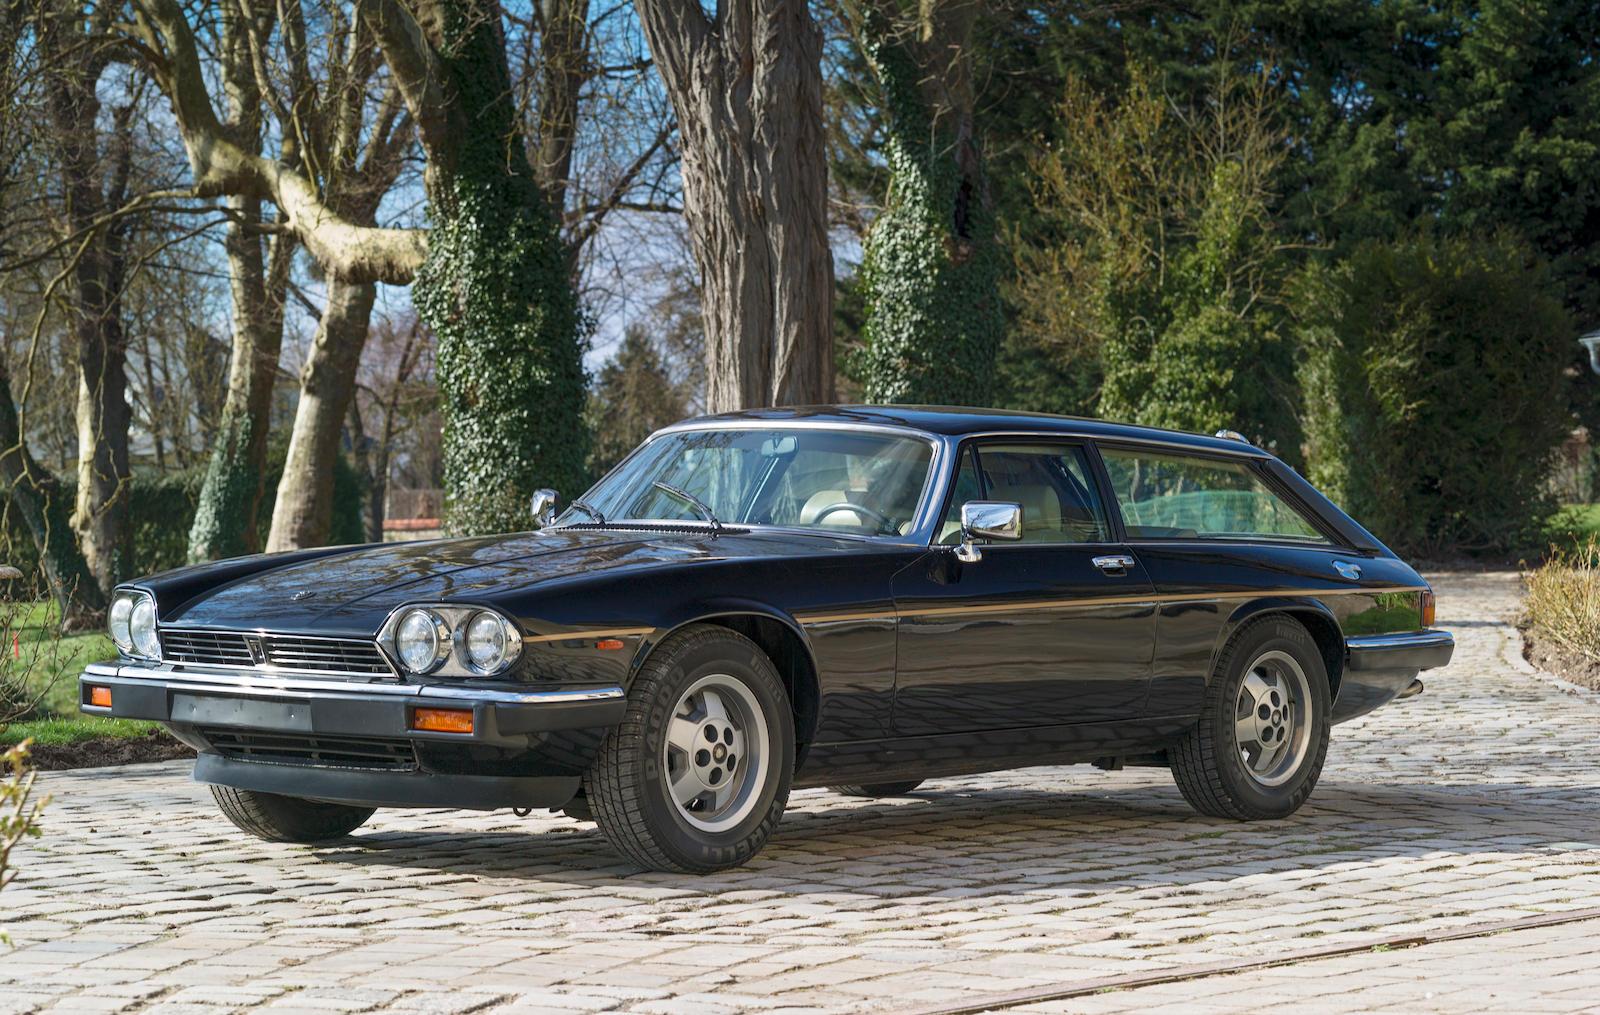 Used Jaguar XJS Engines